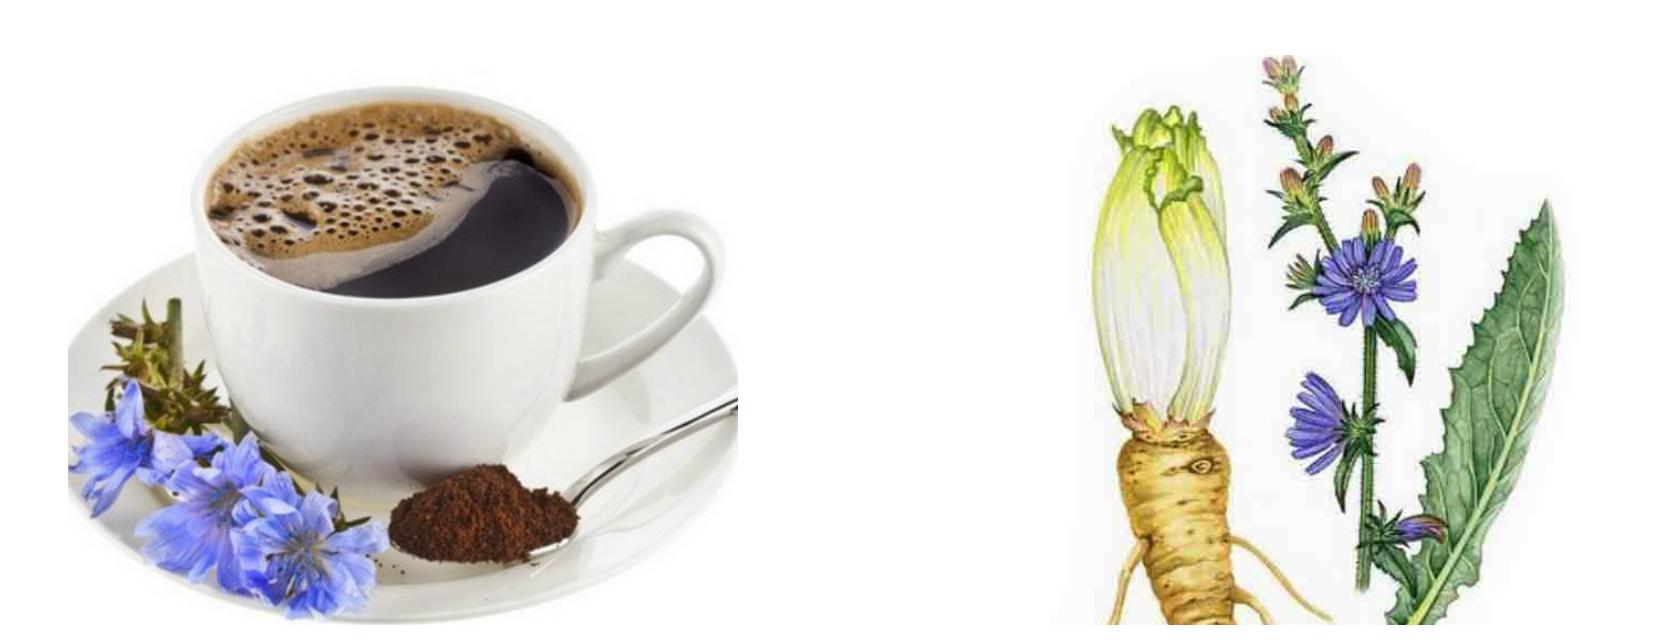 Предотвращает повышение индекса холестерина, и системного атеросклероза